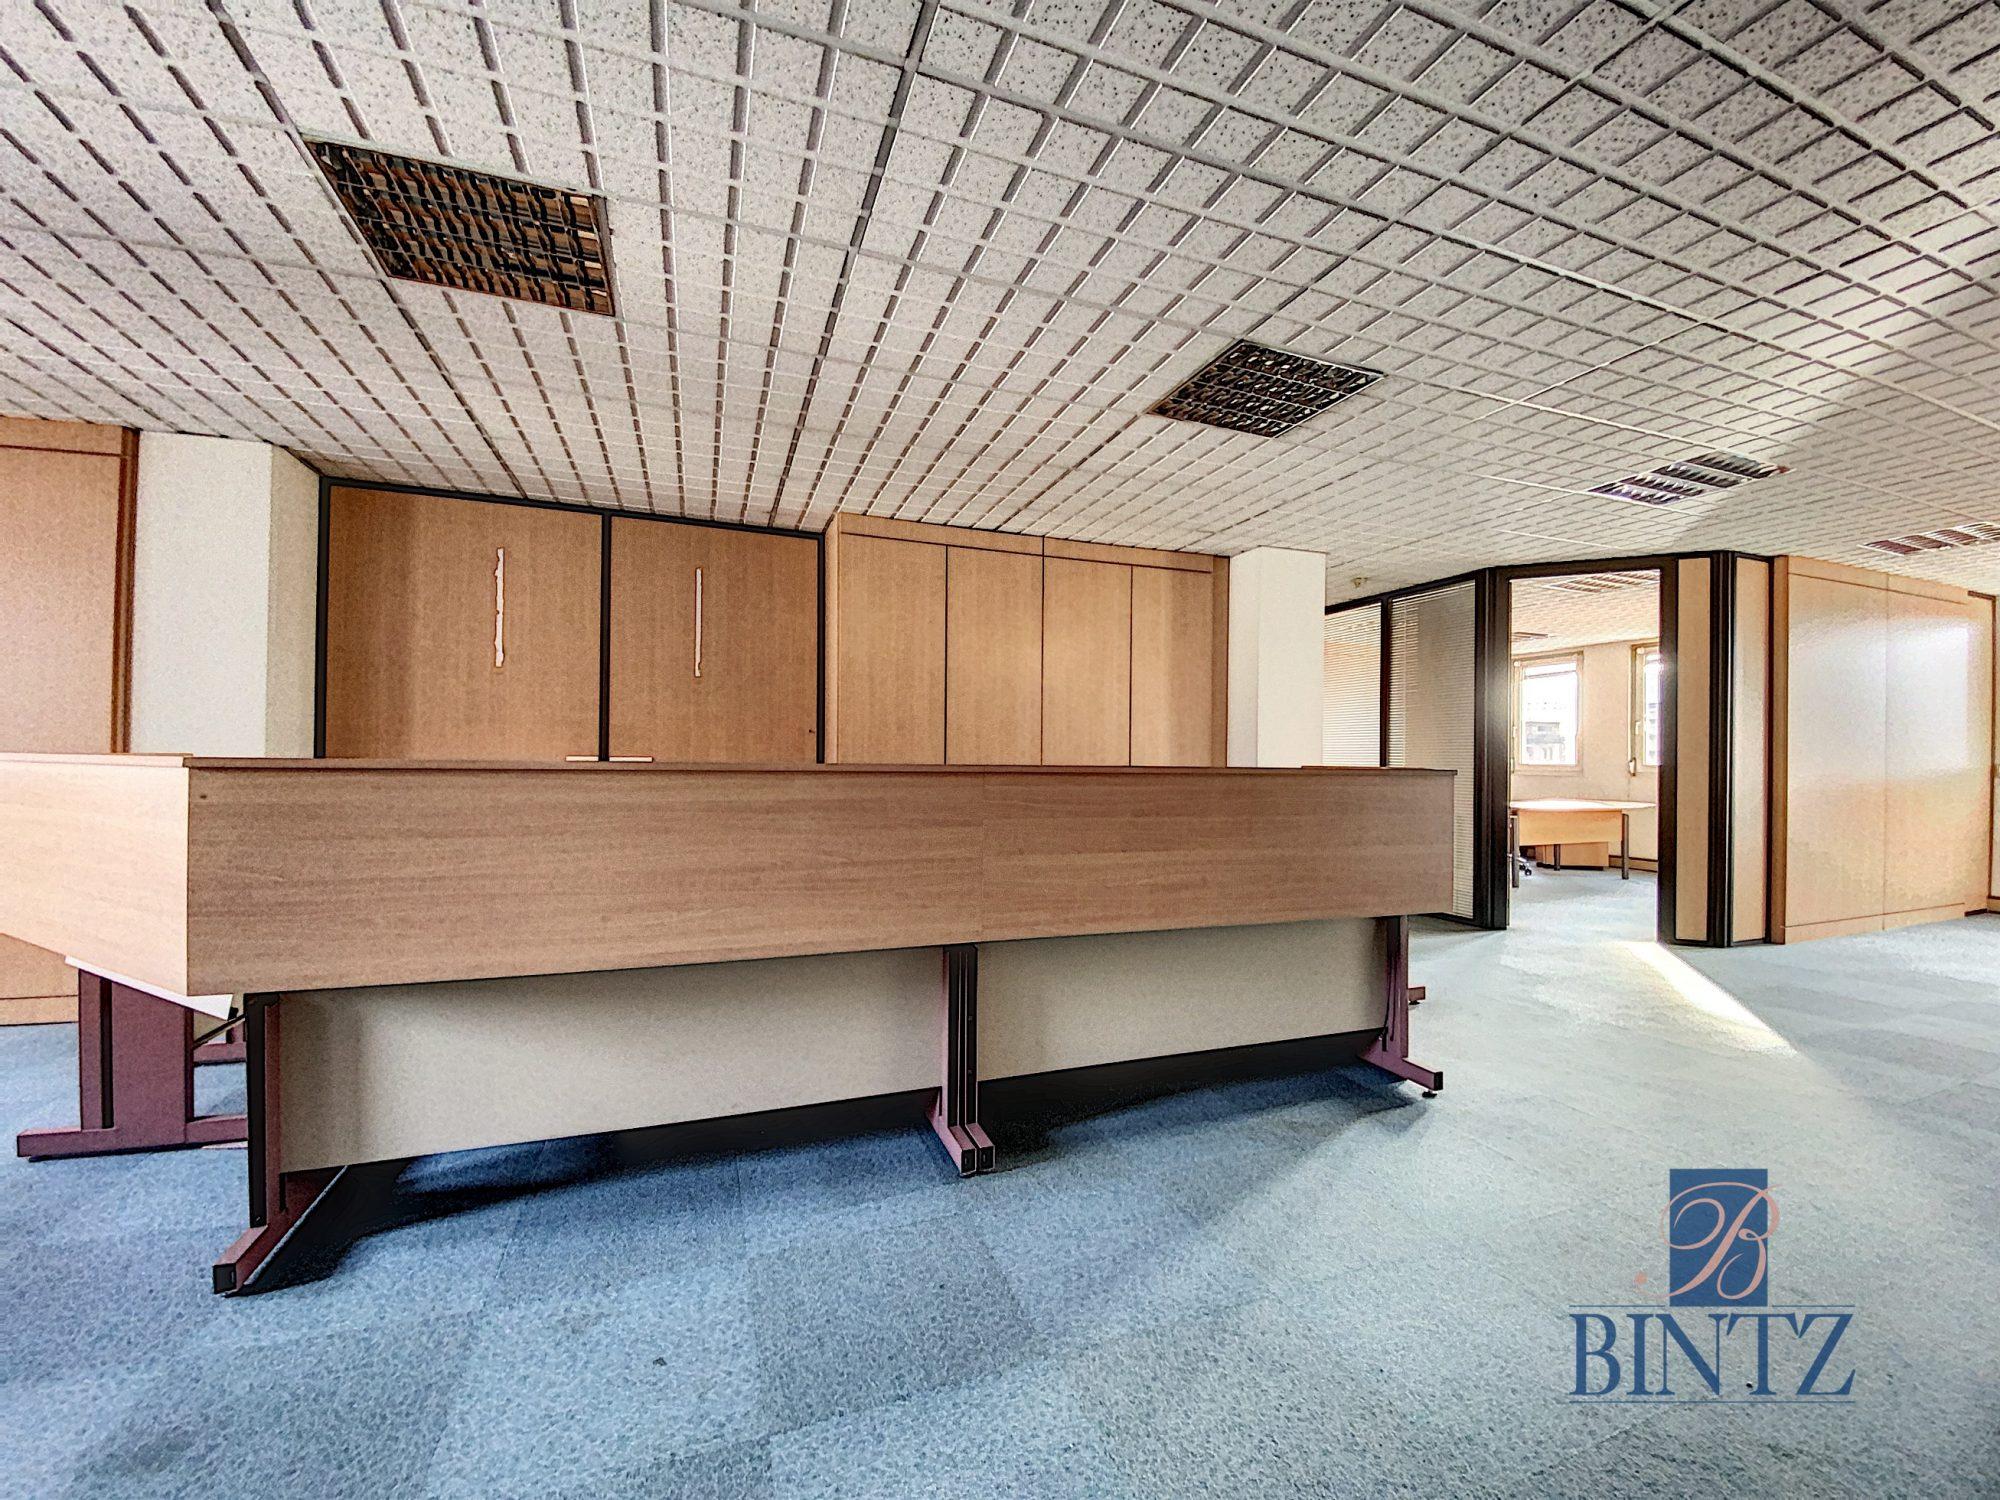 Bureaux à louer – 250m2 Quartier Fisher à Schiltigheim - Devenez locataire en toute sérénité - Bintz Immobilier - 4